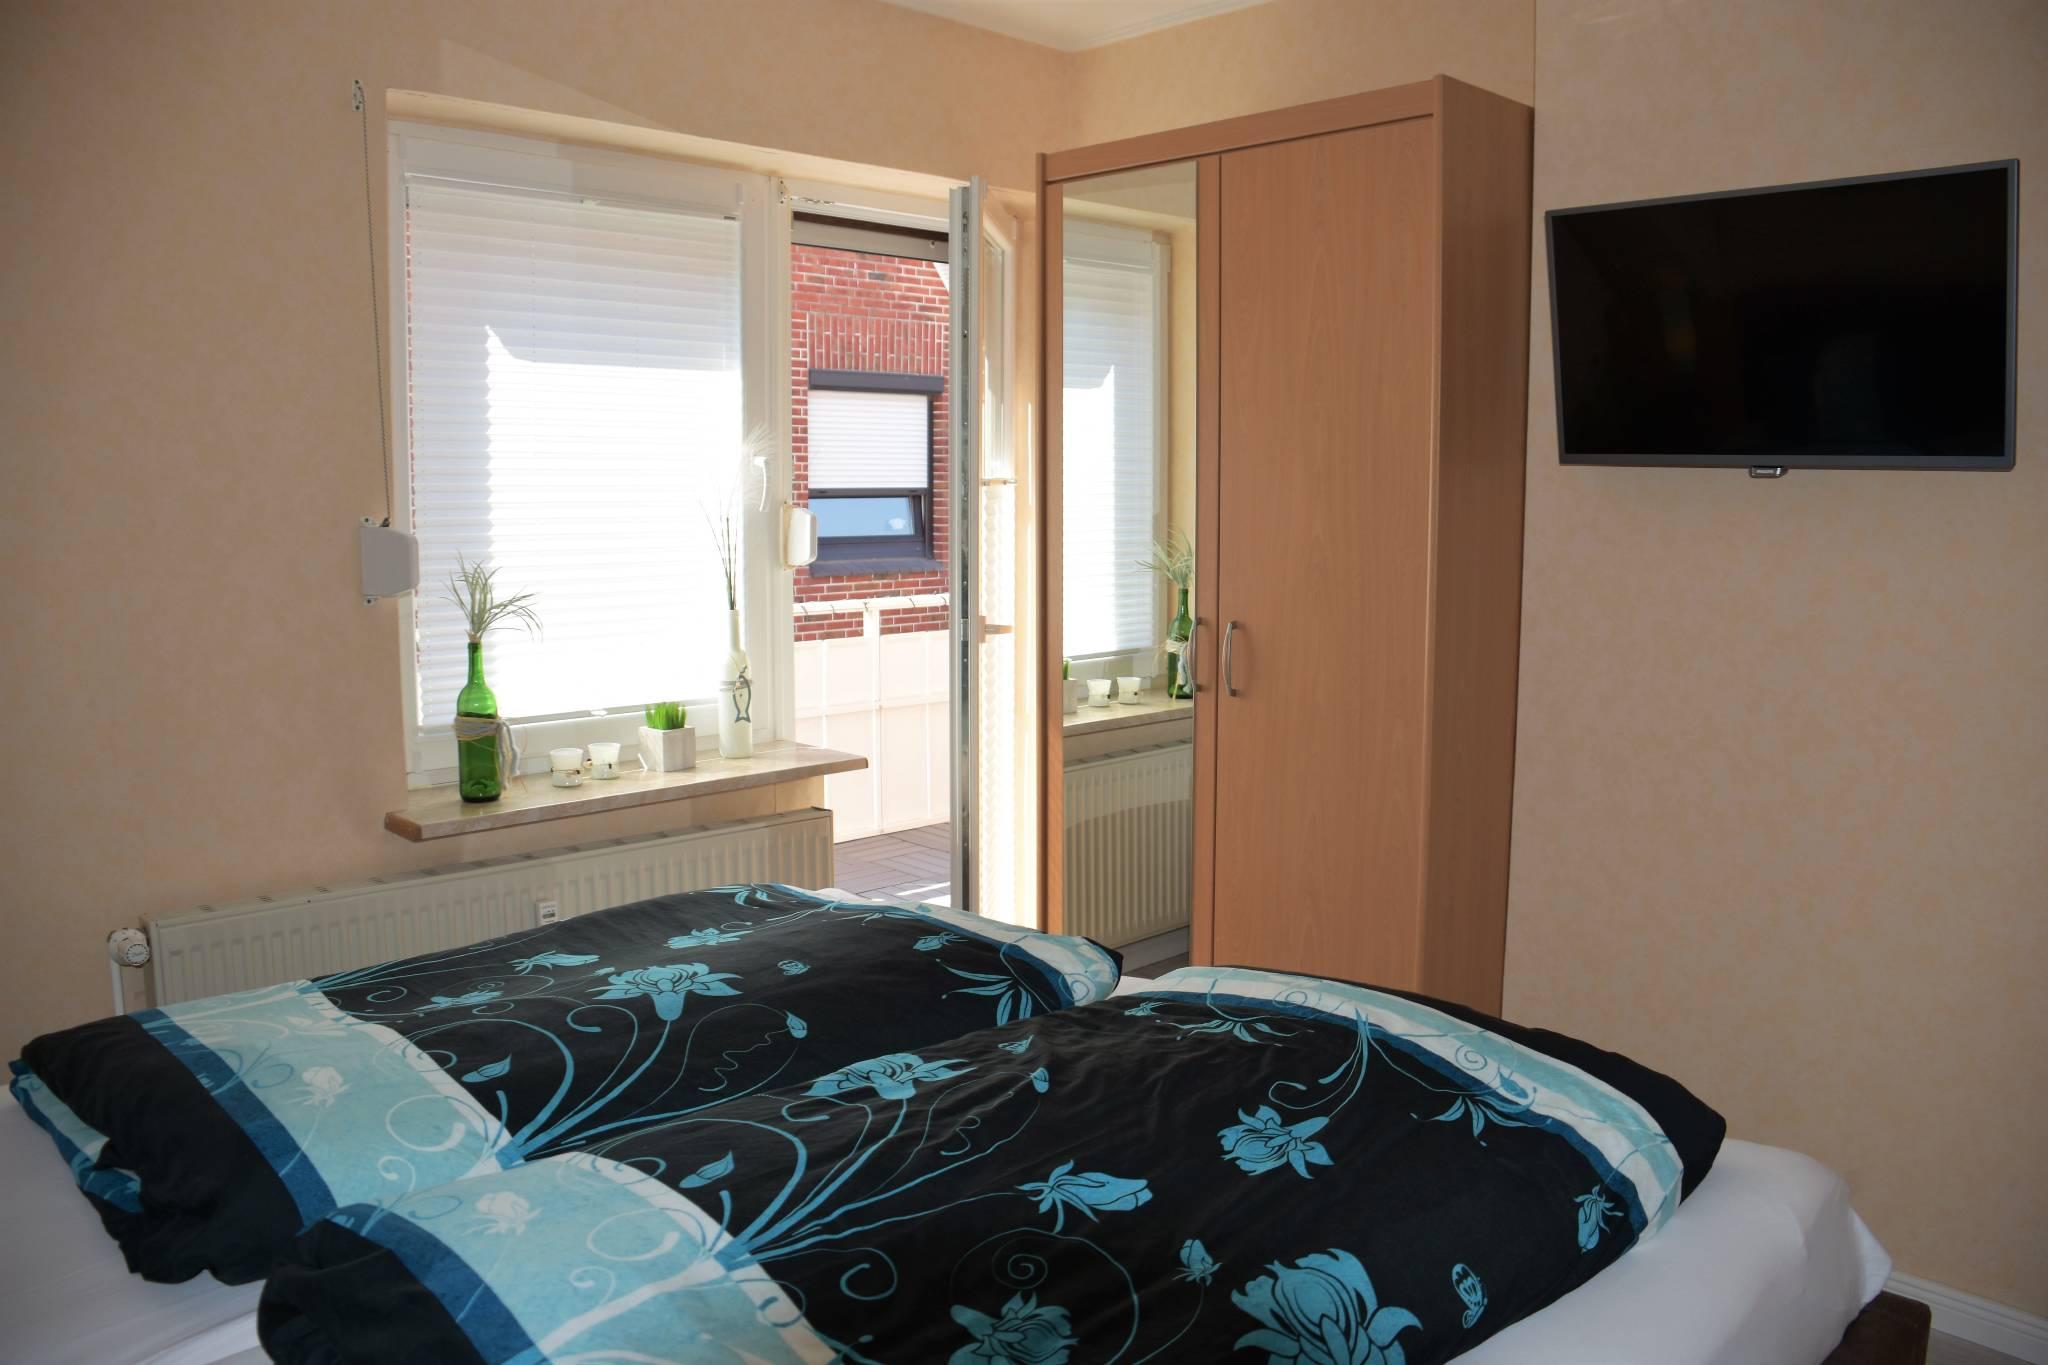 Schlafzimmer mit Farb TV.